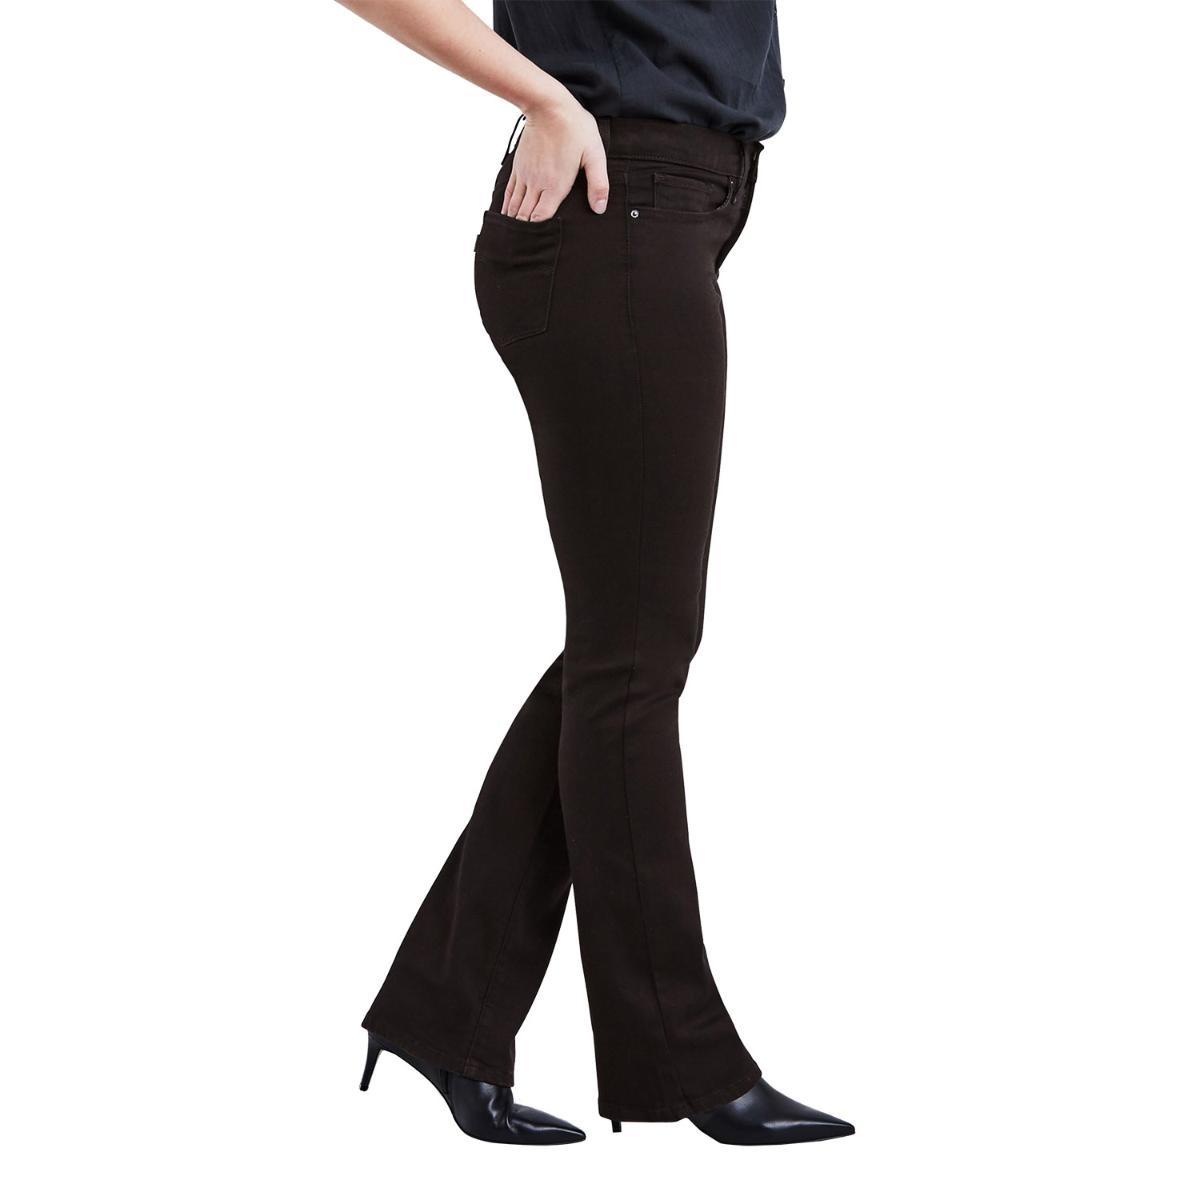 f8e27b045 Carregando zoom... jeans levis calça. Carregando zoom... calça jeans  feminina levis 315 shaping bootcut preto